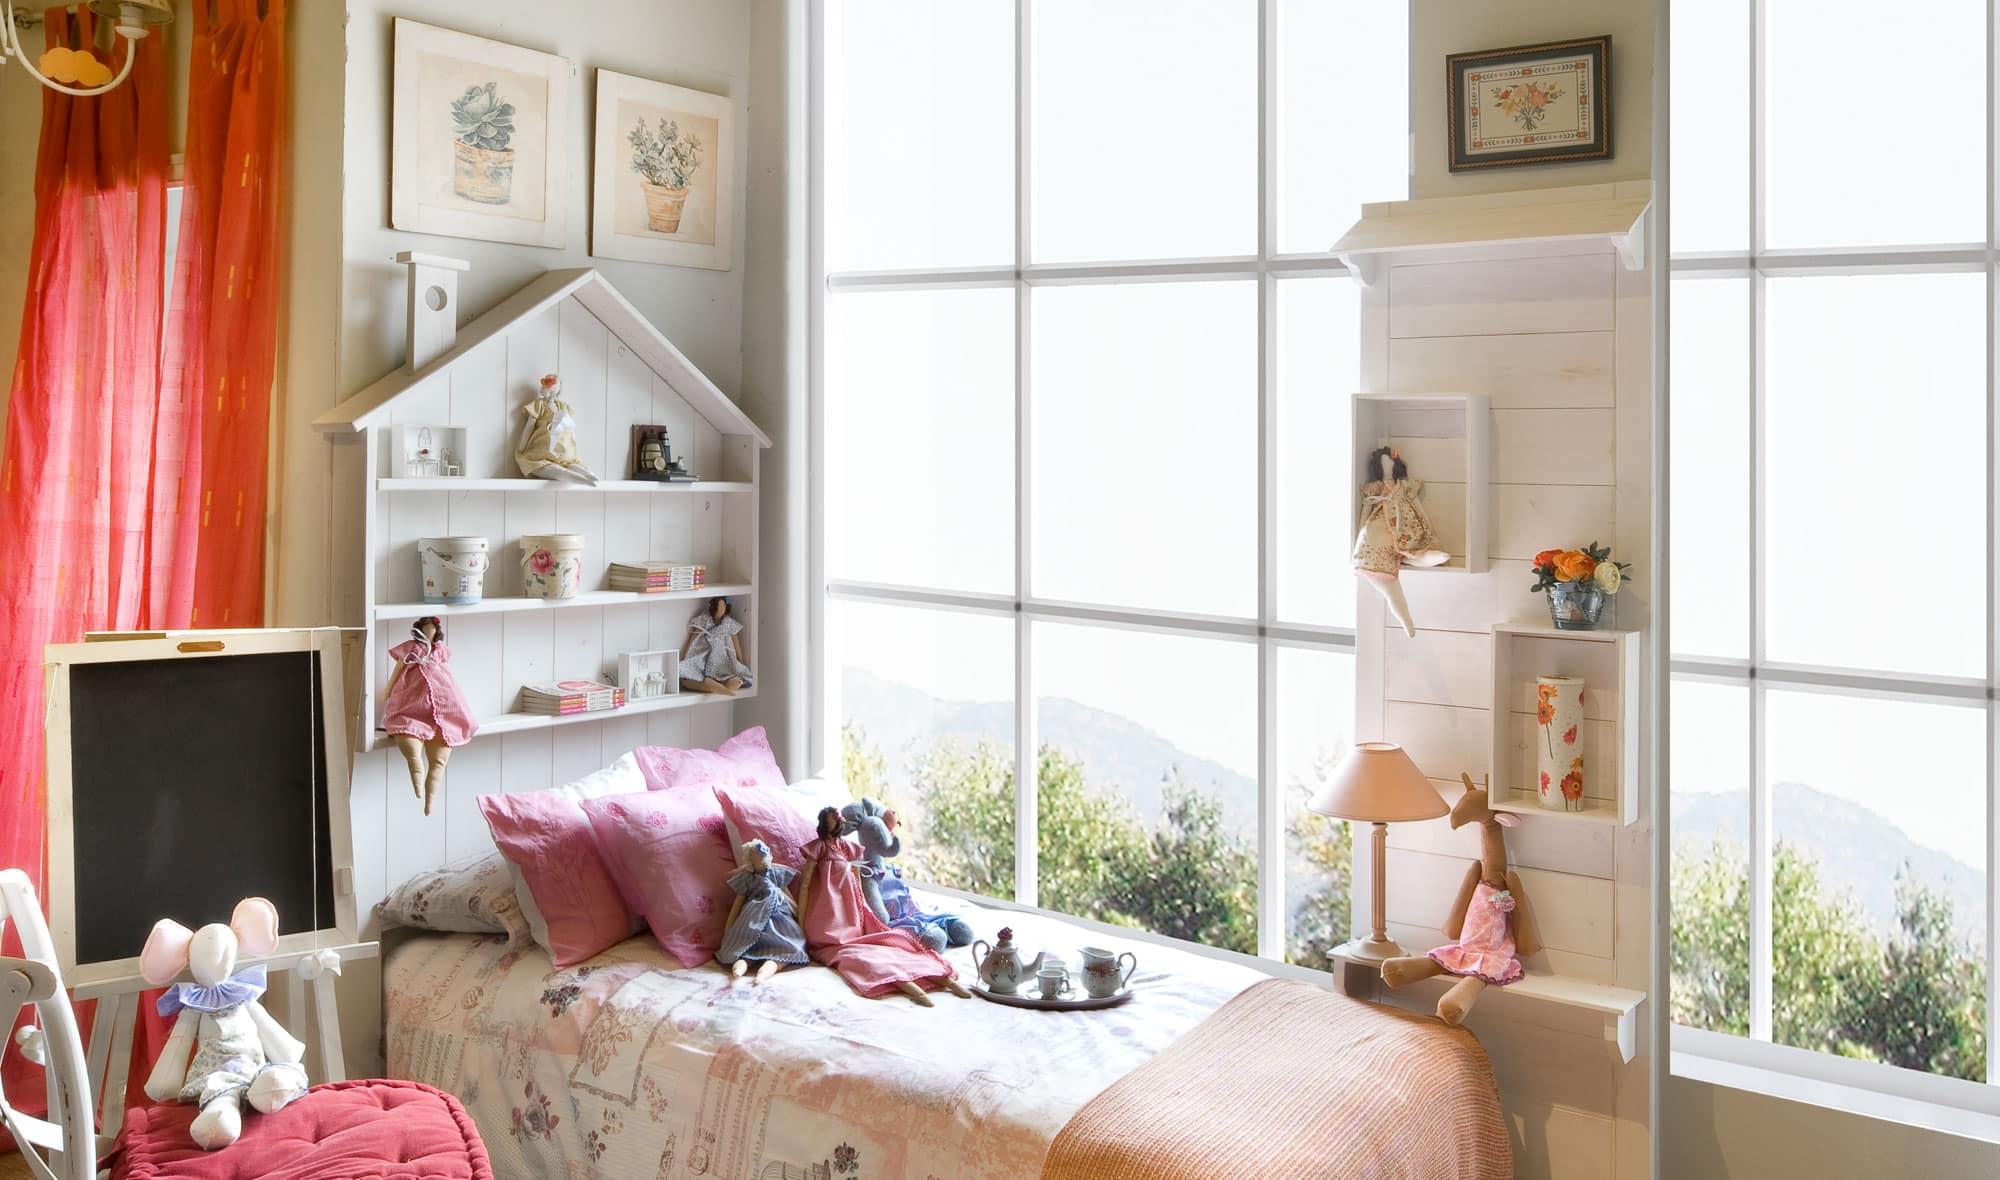 Cabeceros originales y baratos para dormitorios infantiles for Dormitorios infantiles baratos